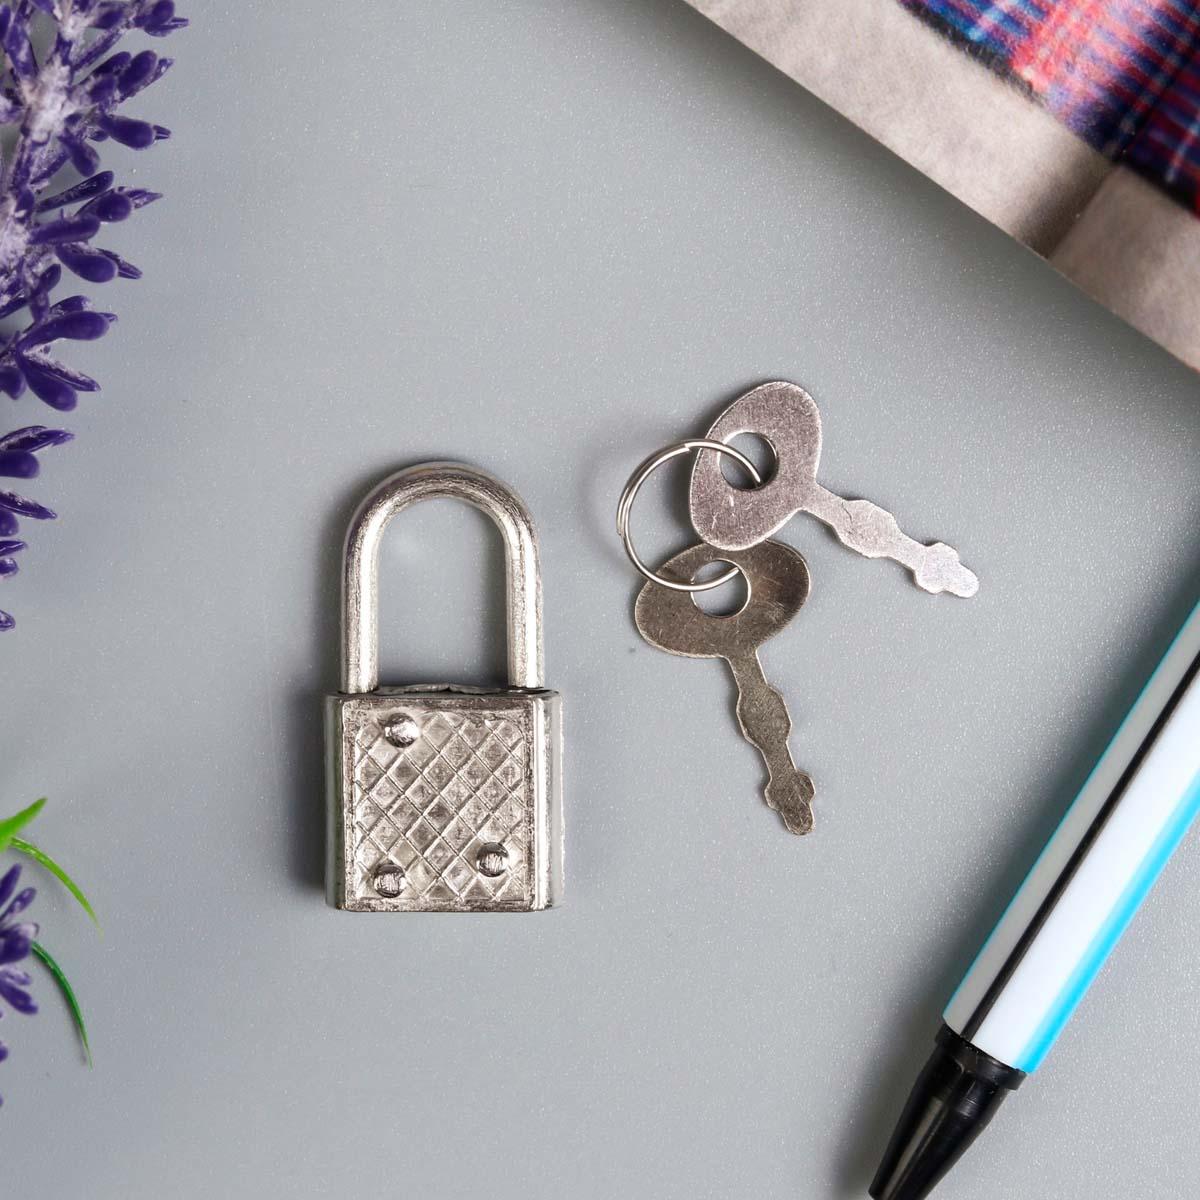 3531334 Замок навесной металл для шкатулок с ключом 3,3*1,9 см